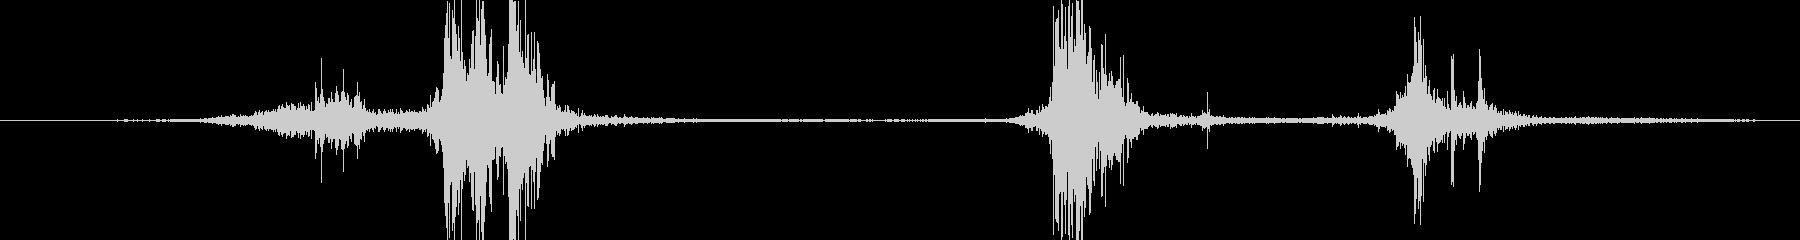 ファイトムーブ:ヘビーシャイニーク...の未再生の波形